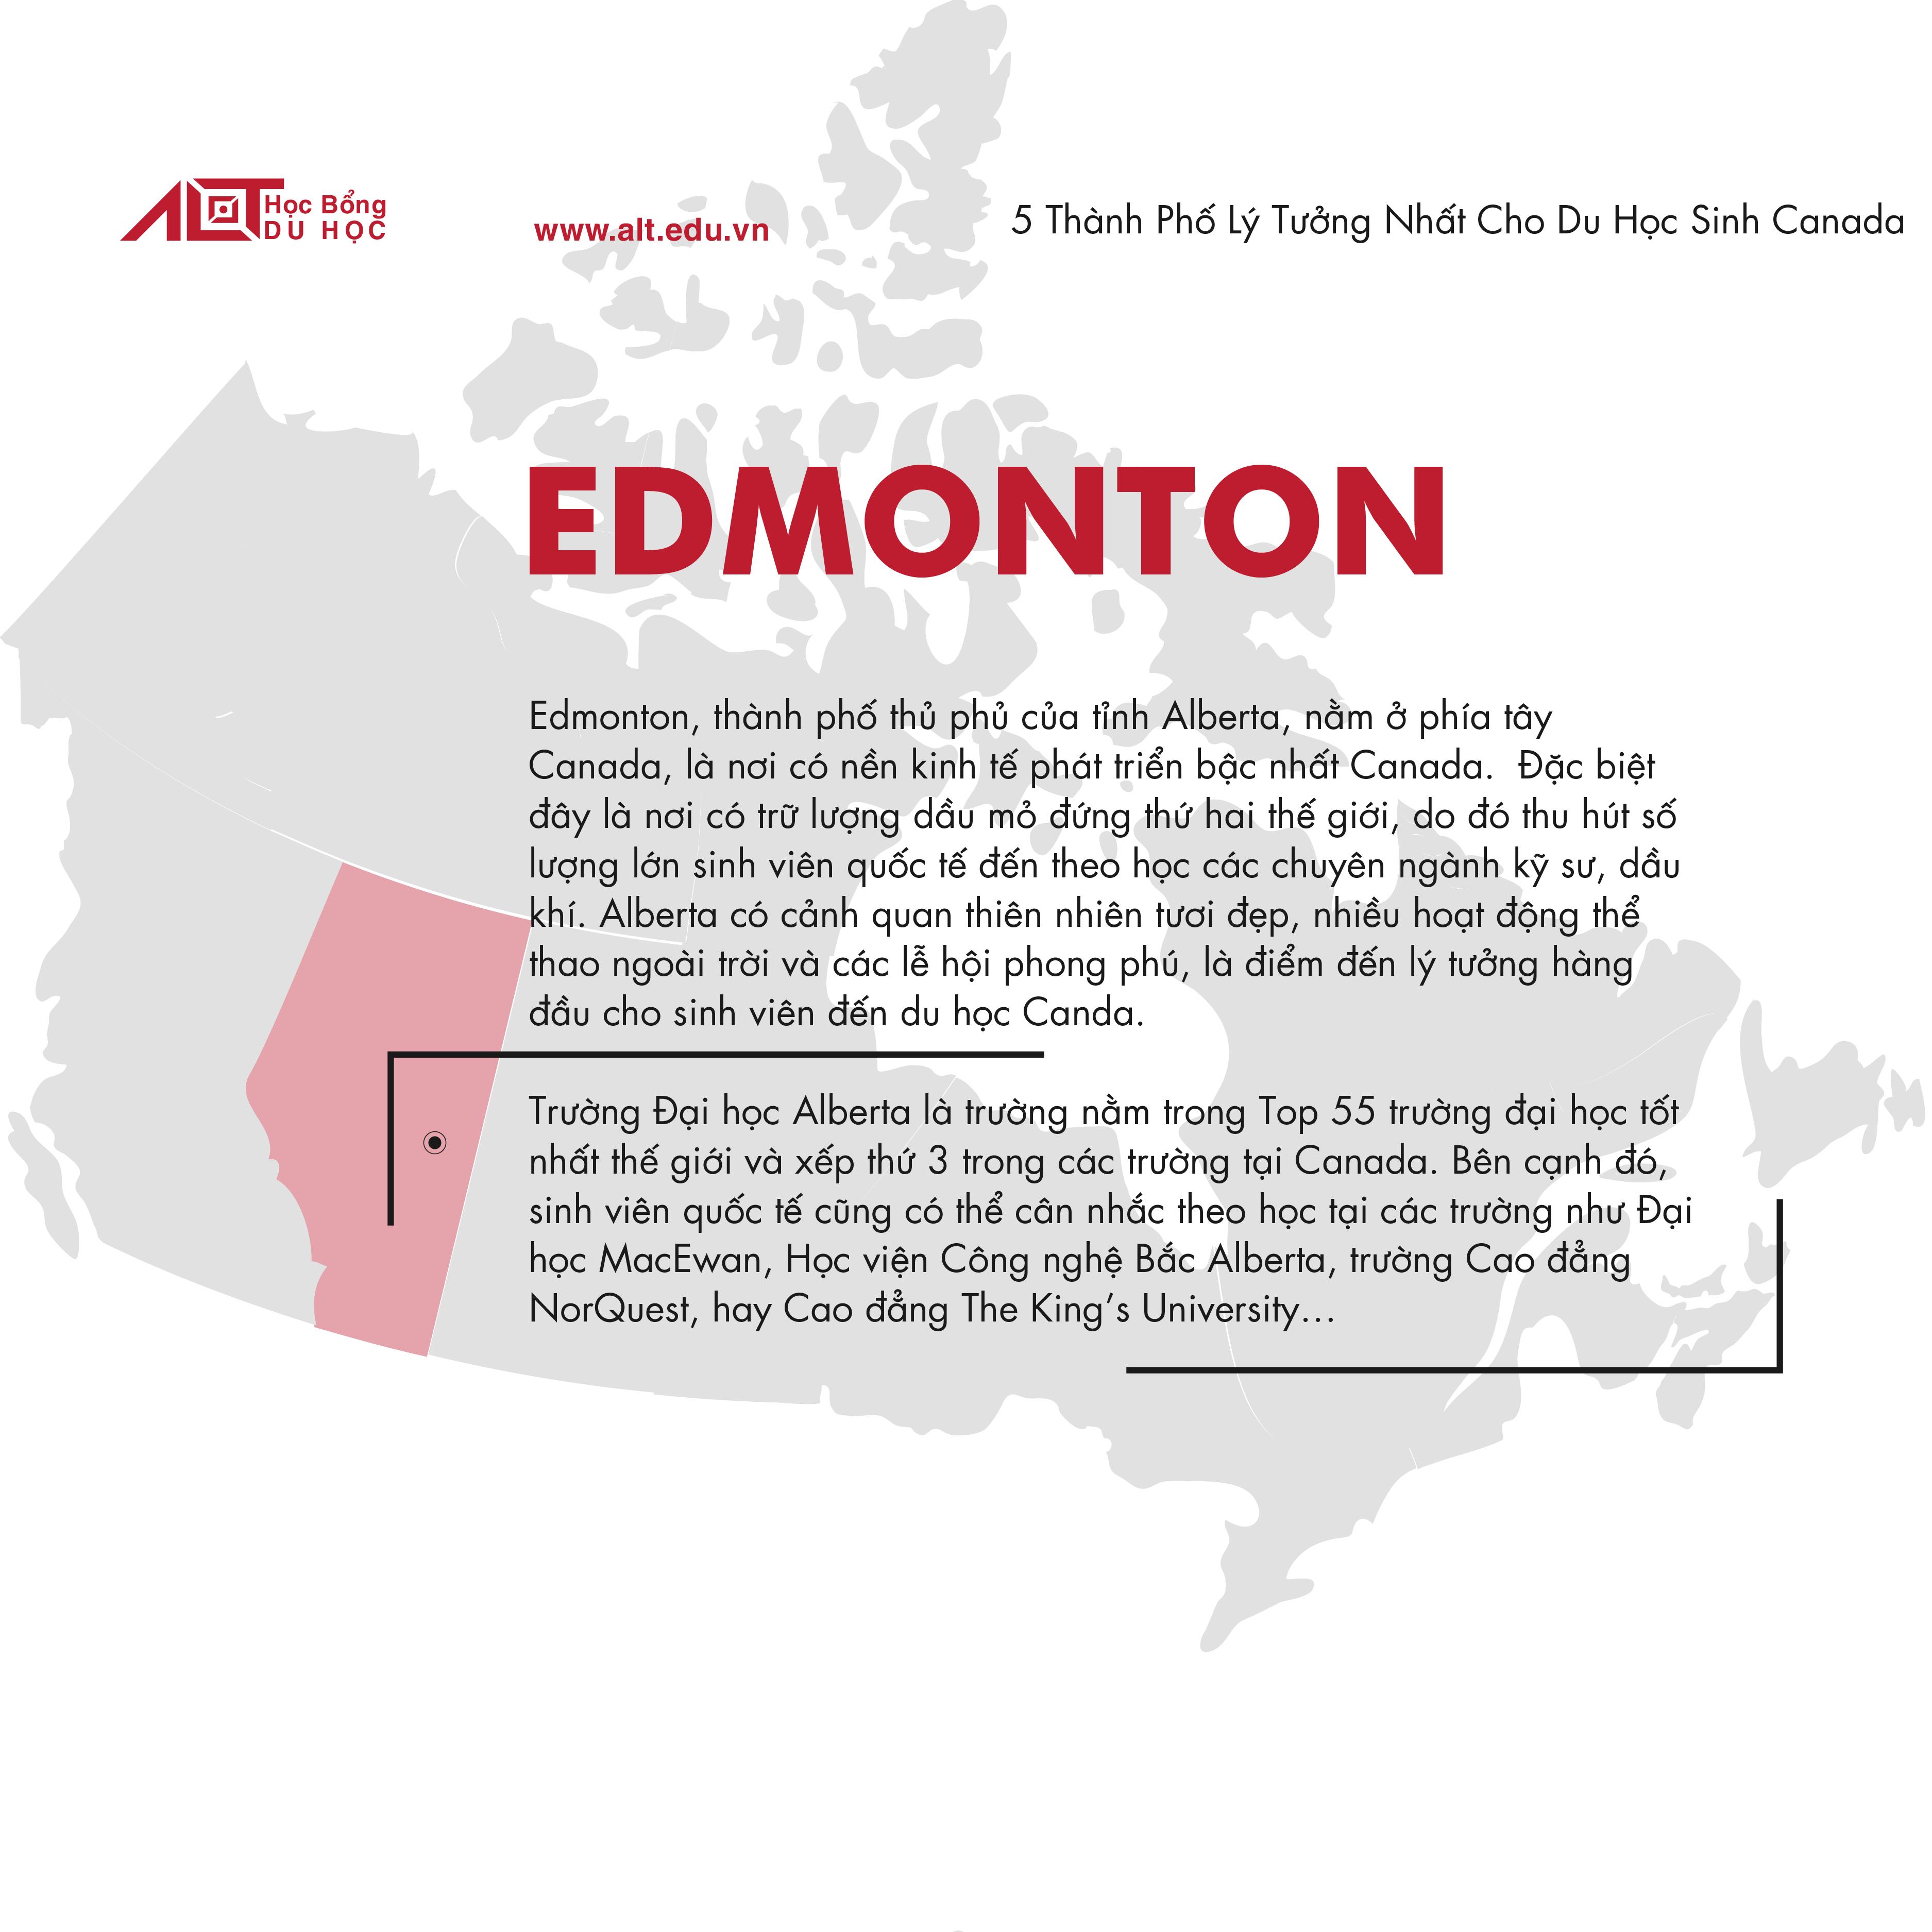 Thành Phố lý tưởng khi du học Canada